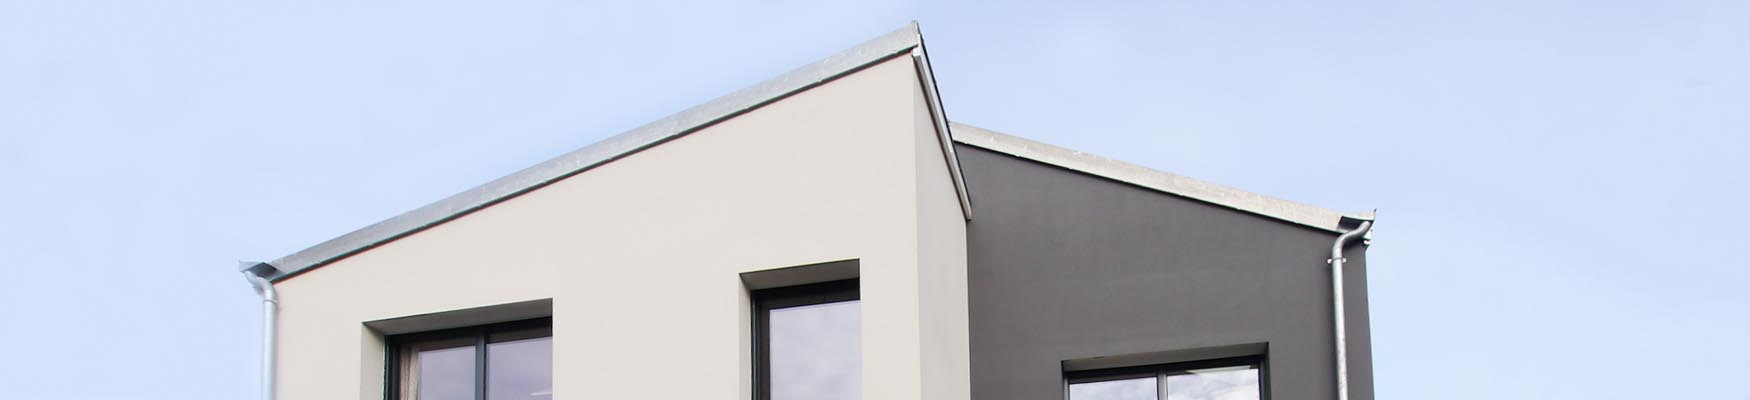 Maison de ville asymétrique design Nanterre FranceMaisons-idf constructeur